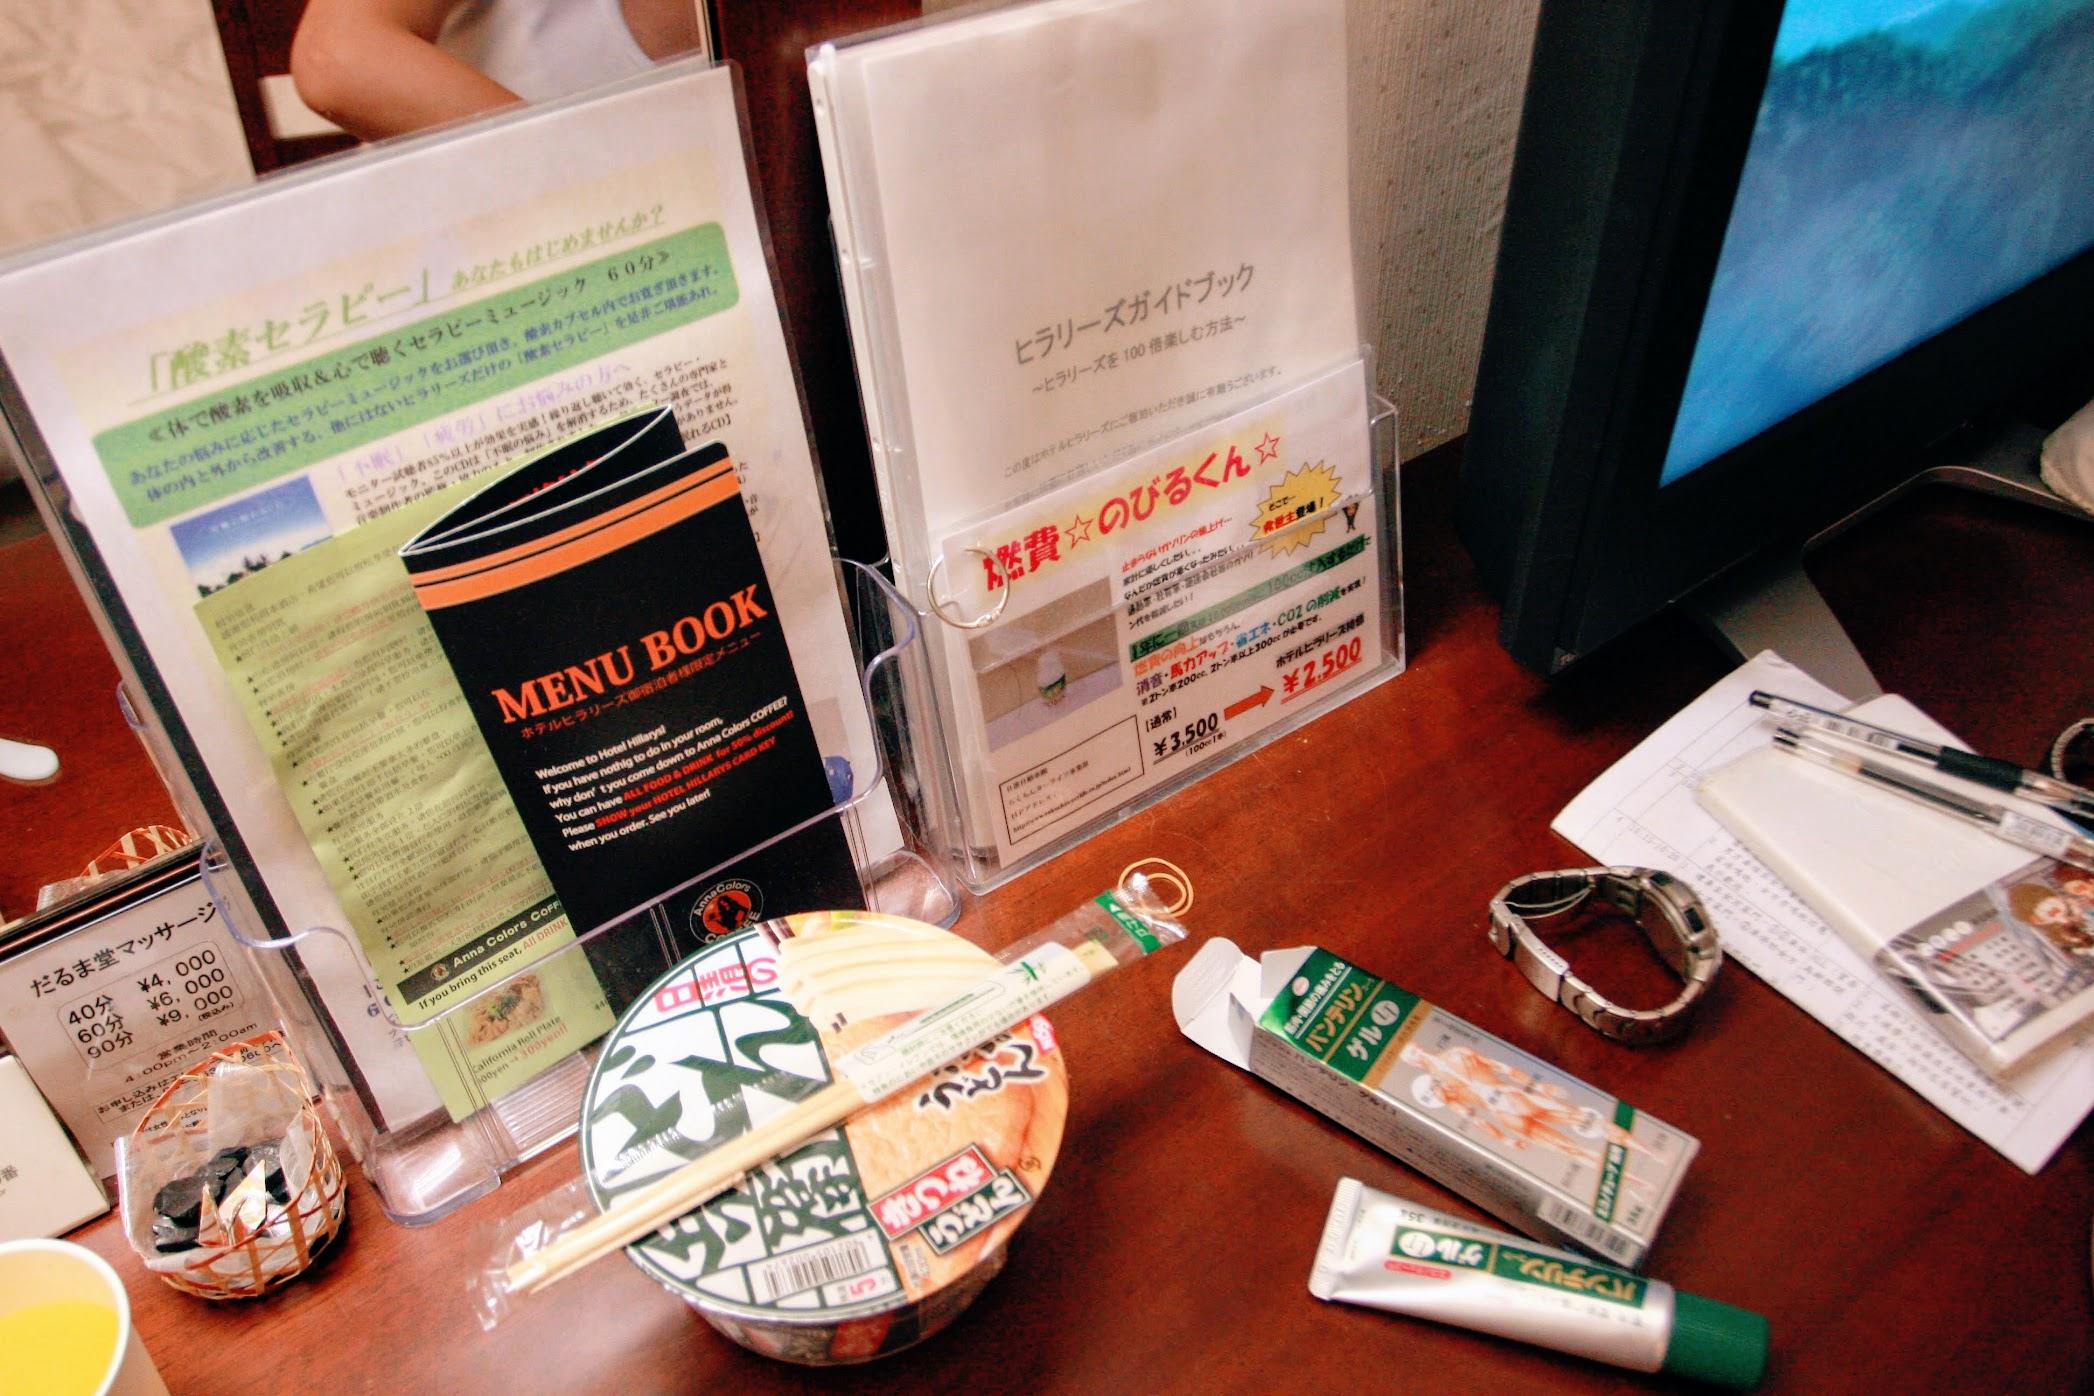 來日本就是要走路,所以痠痛藥膏已經準備好了,當然....順道來個泡麵試試